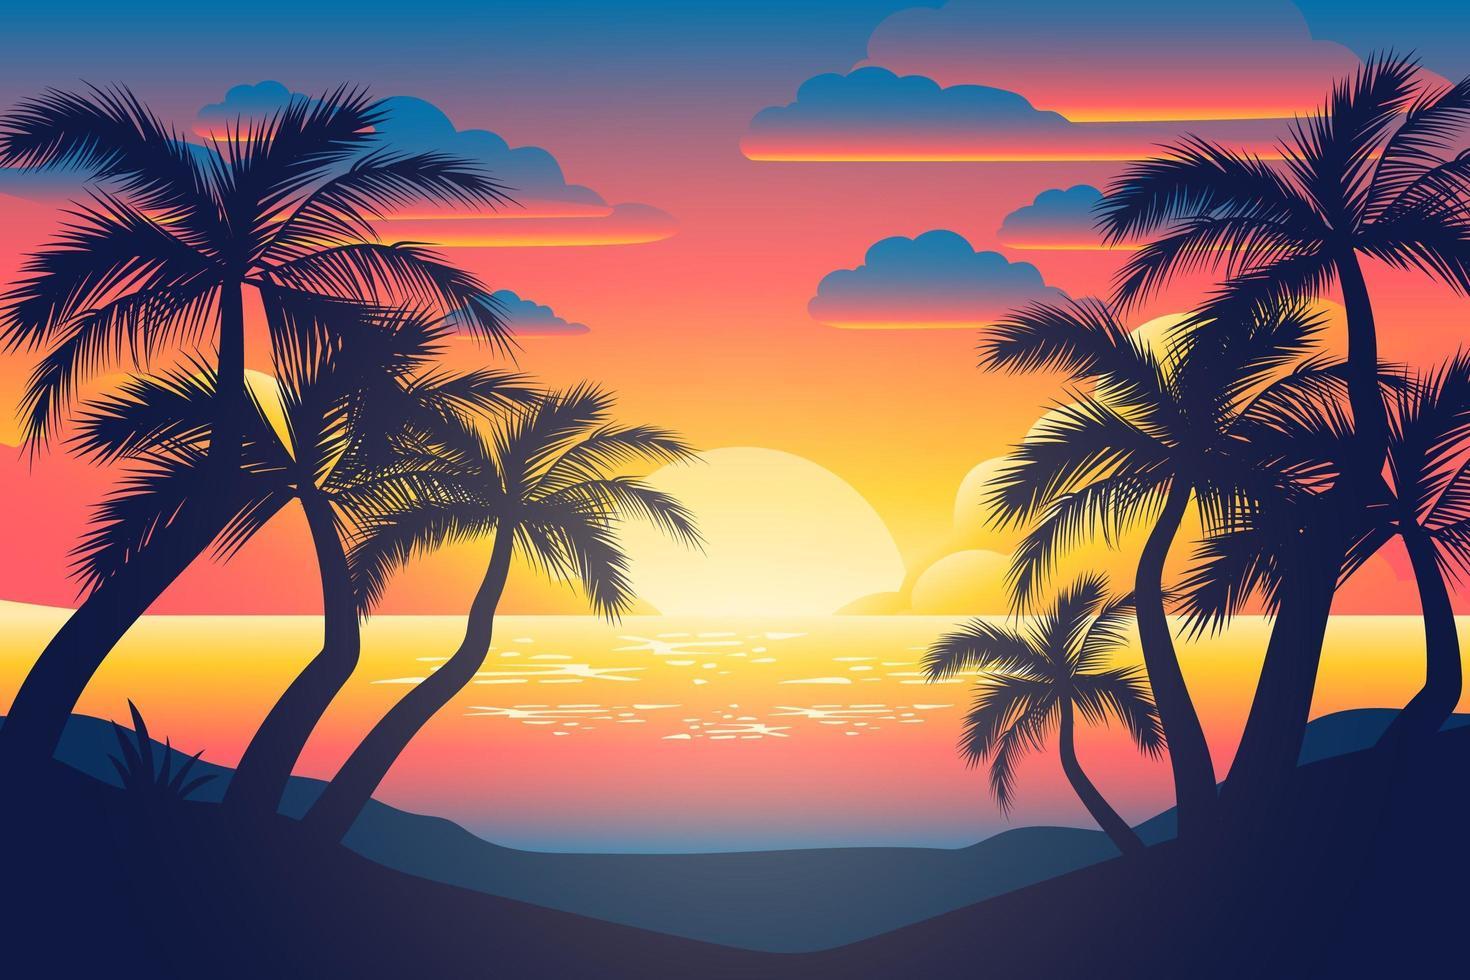 affiche colorée de silhouettes de coucher de soleil et de palmiers vecteur